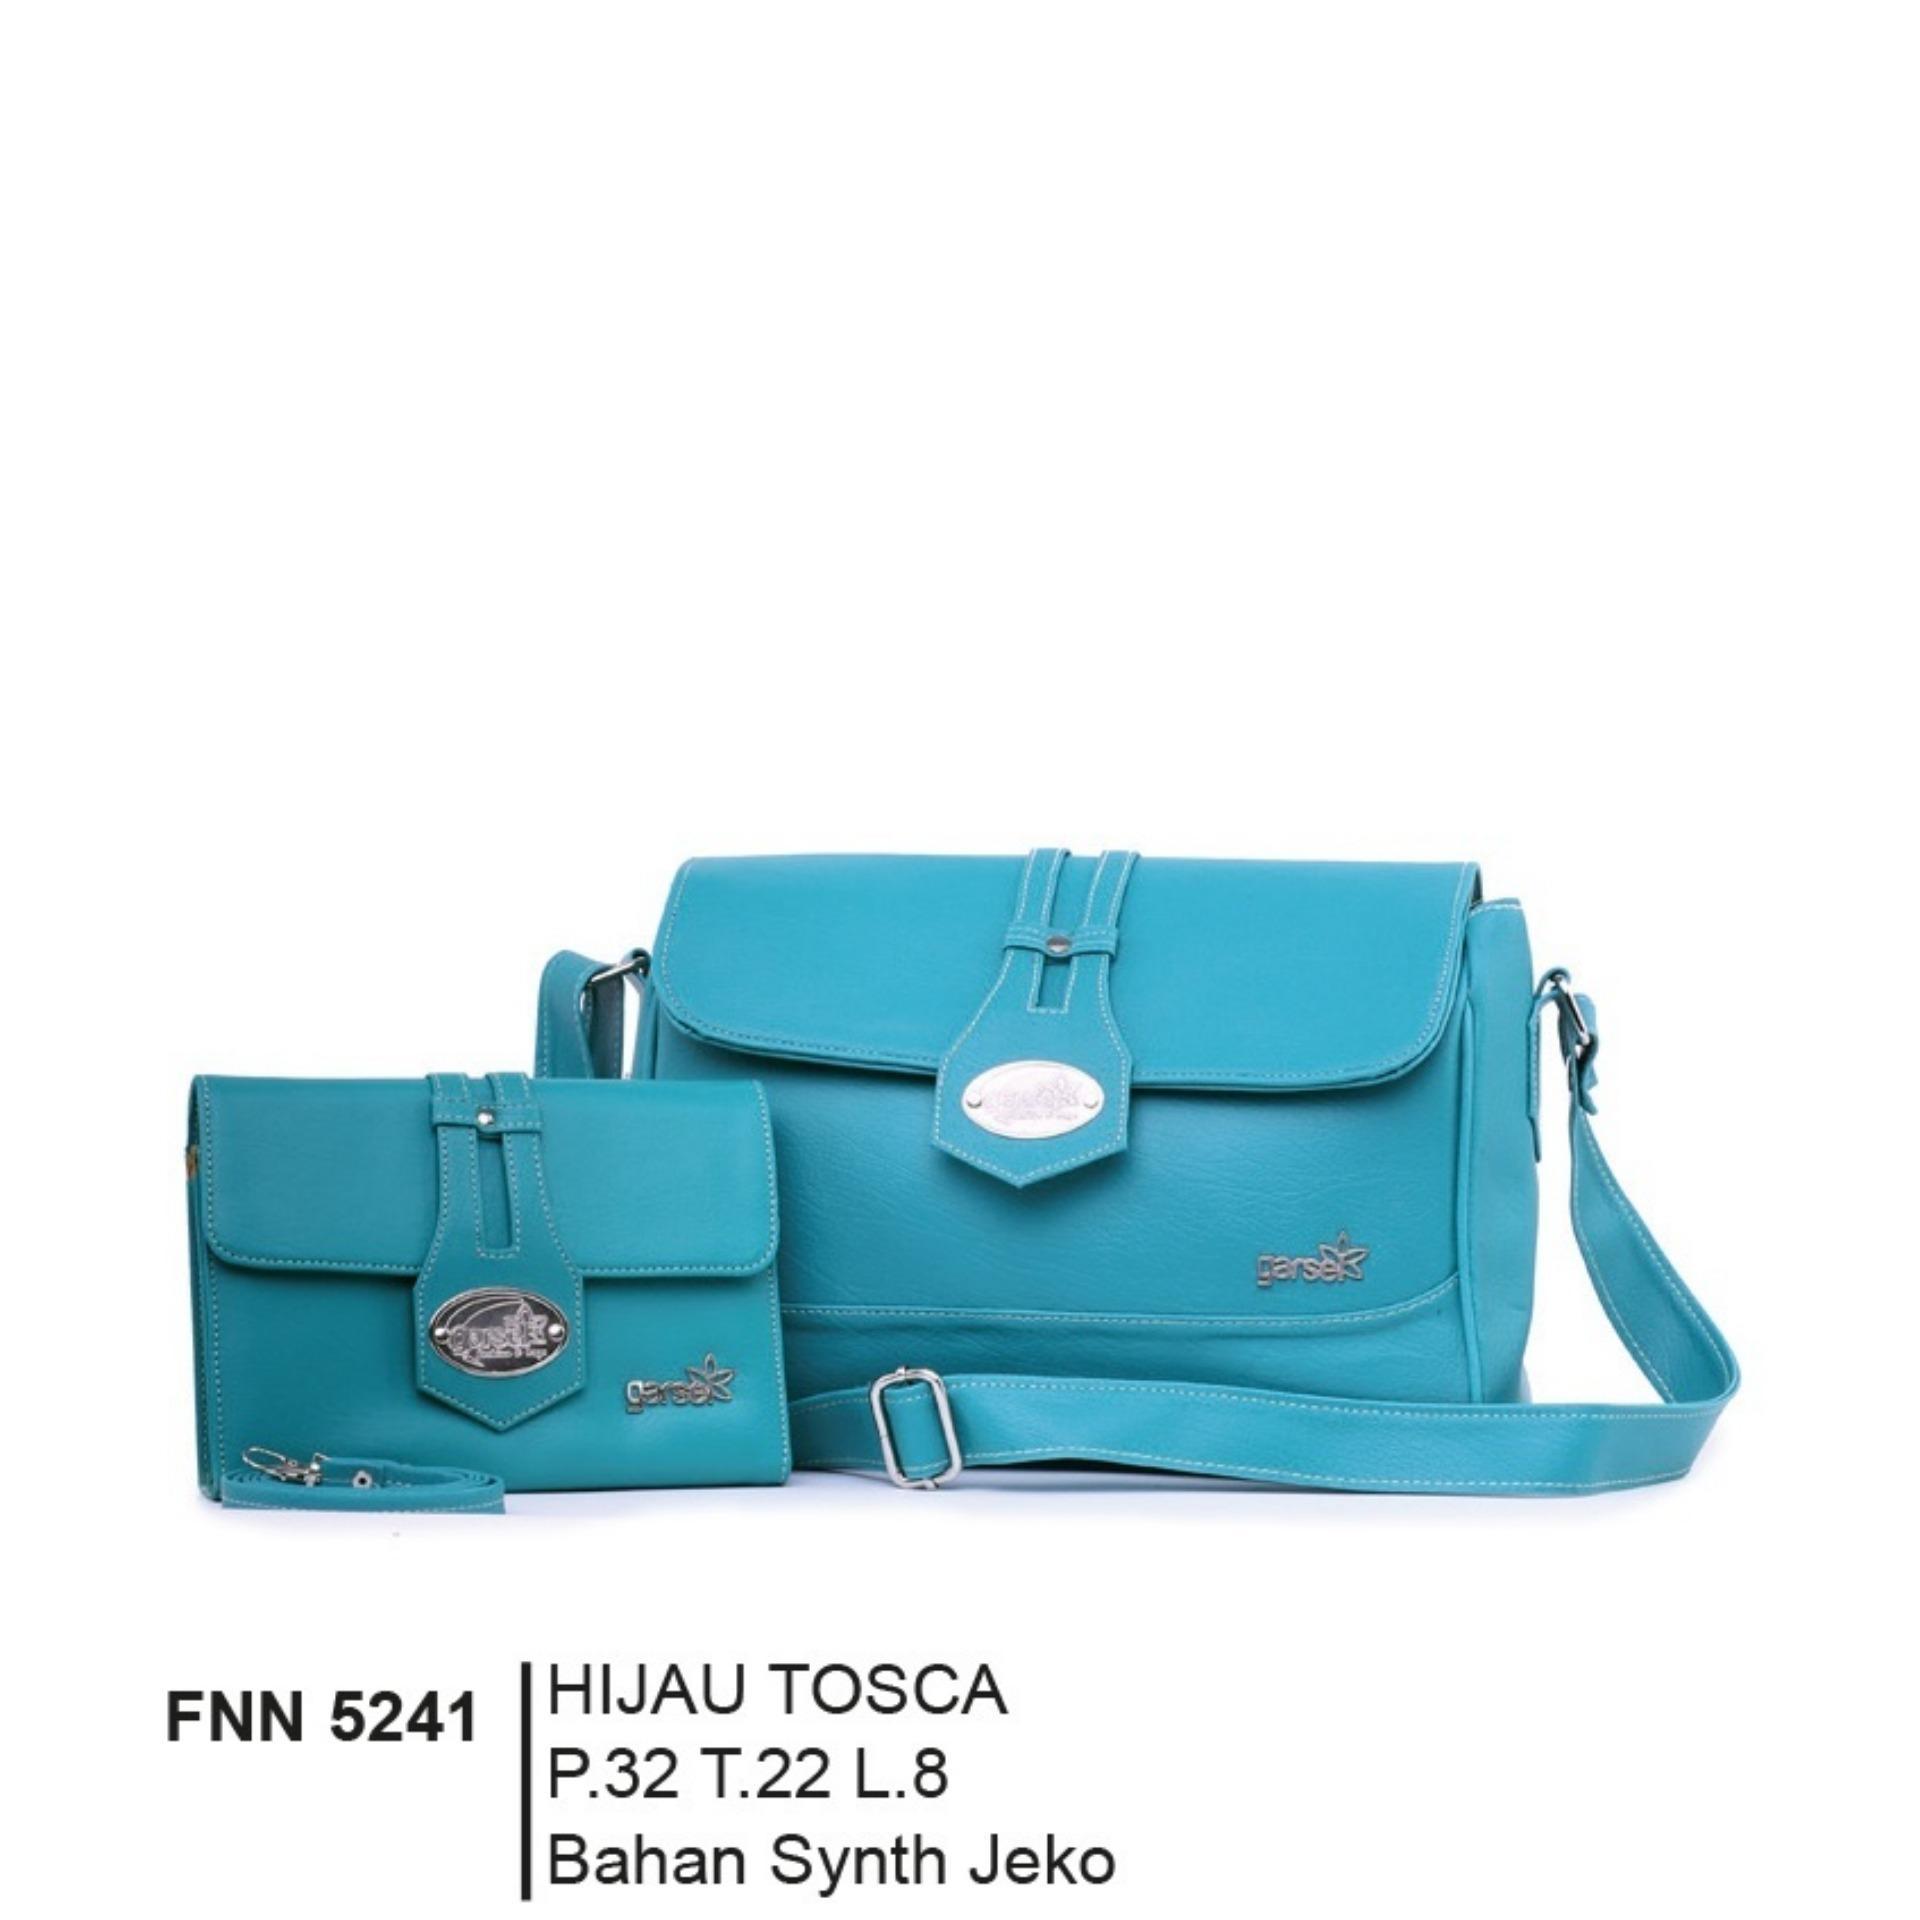 Garsel FOP 014 Tas Handbag Bisa Selempang Premium Wanita - Virotex - Keren - Brown Comb